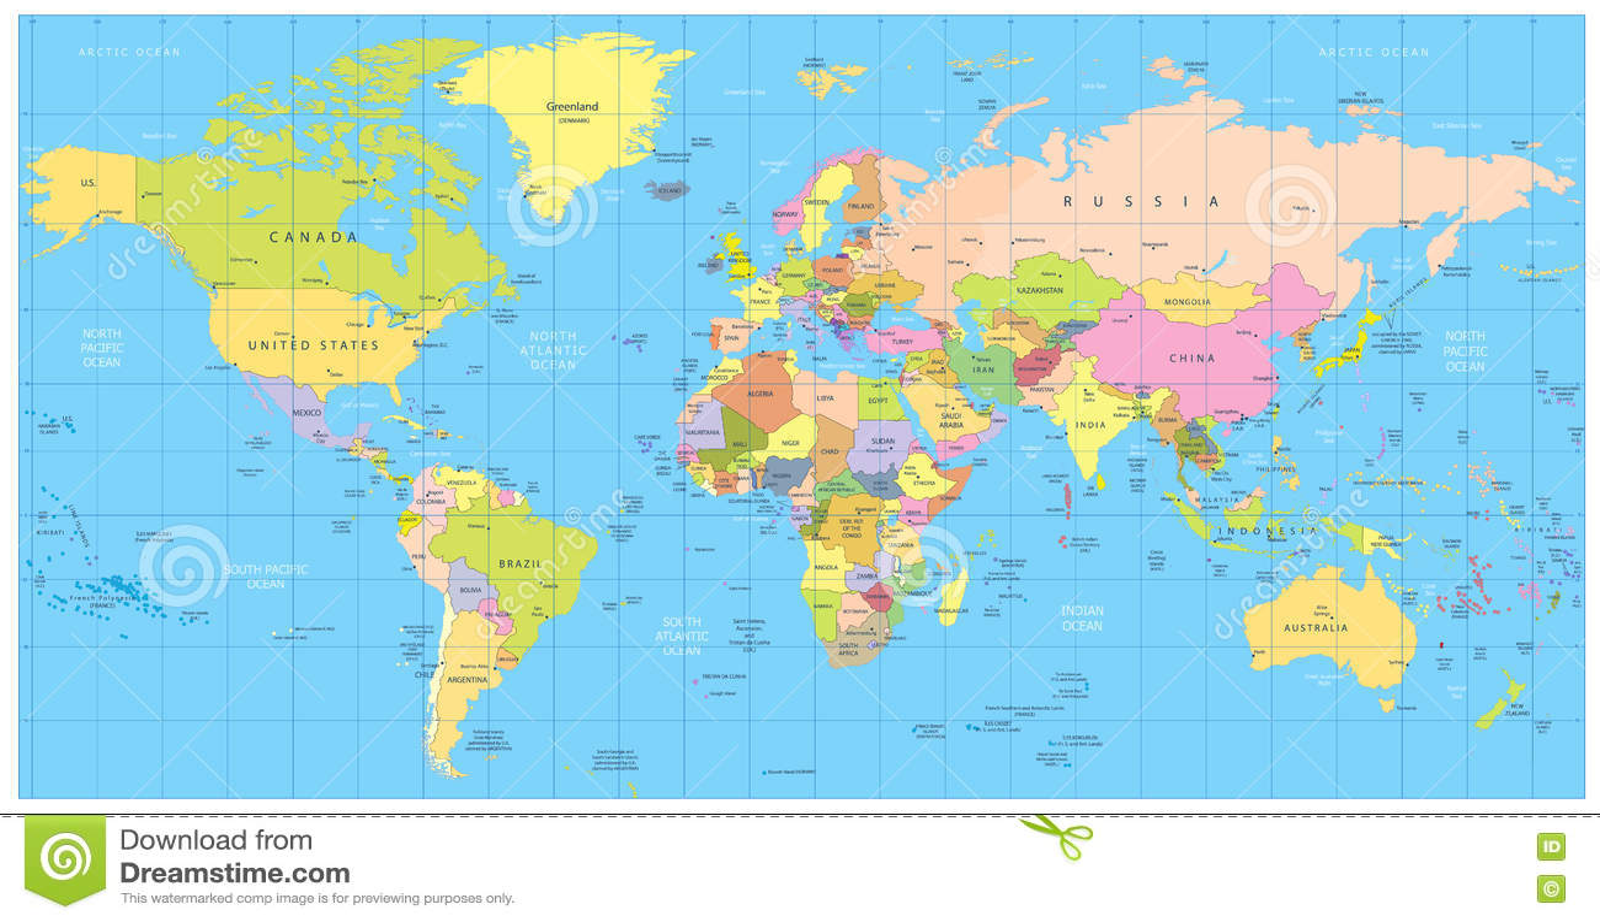 Λεπτομερής πολιτικός παγκόσμιος χάρτης: χώρες, πόλεις, αντικείμενα νερού